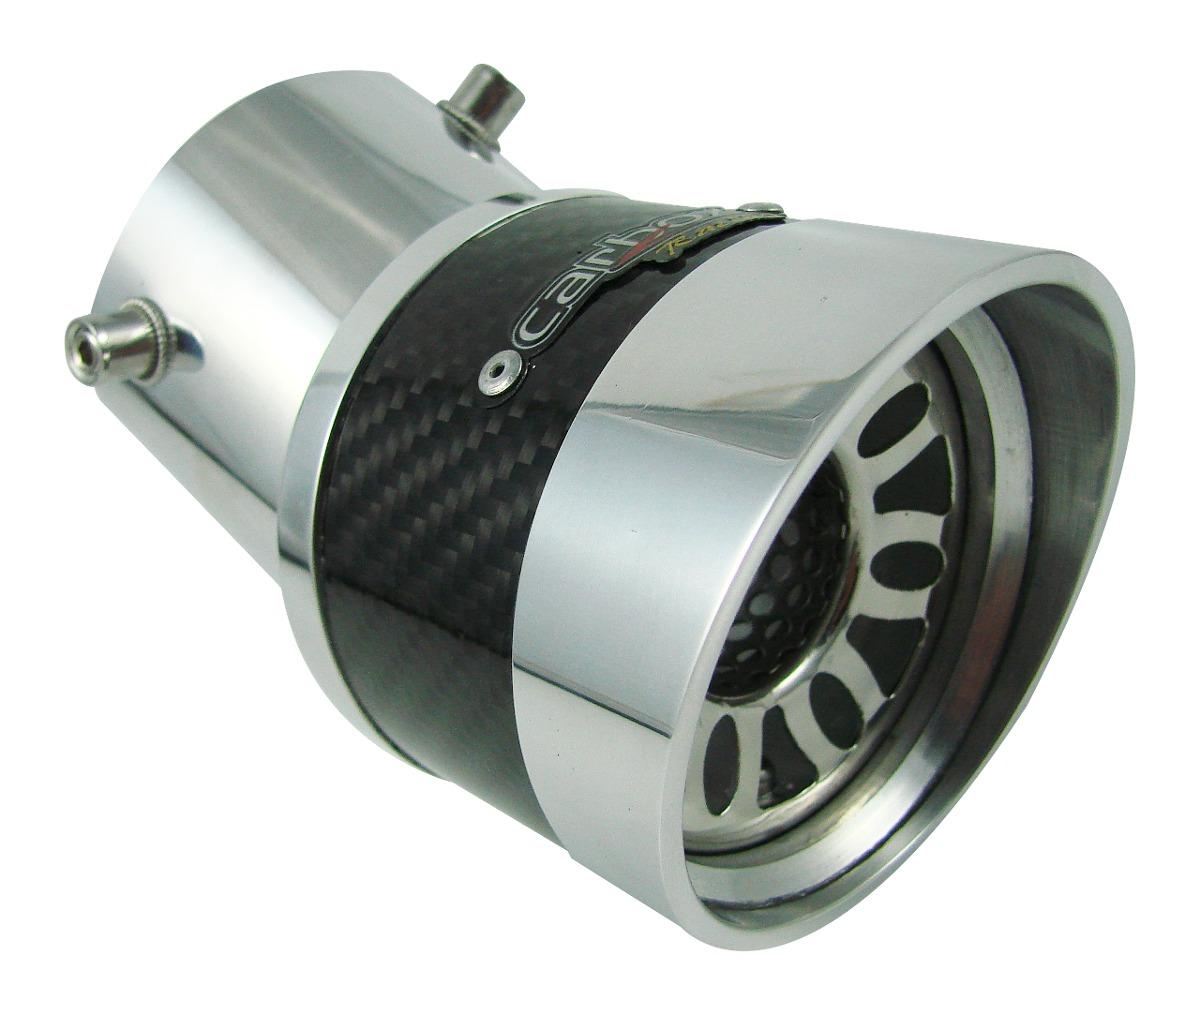 Ponteira Extreme Turbo Angular De Carbono Fit